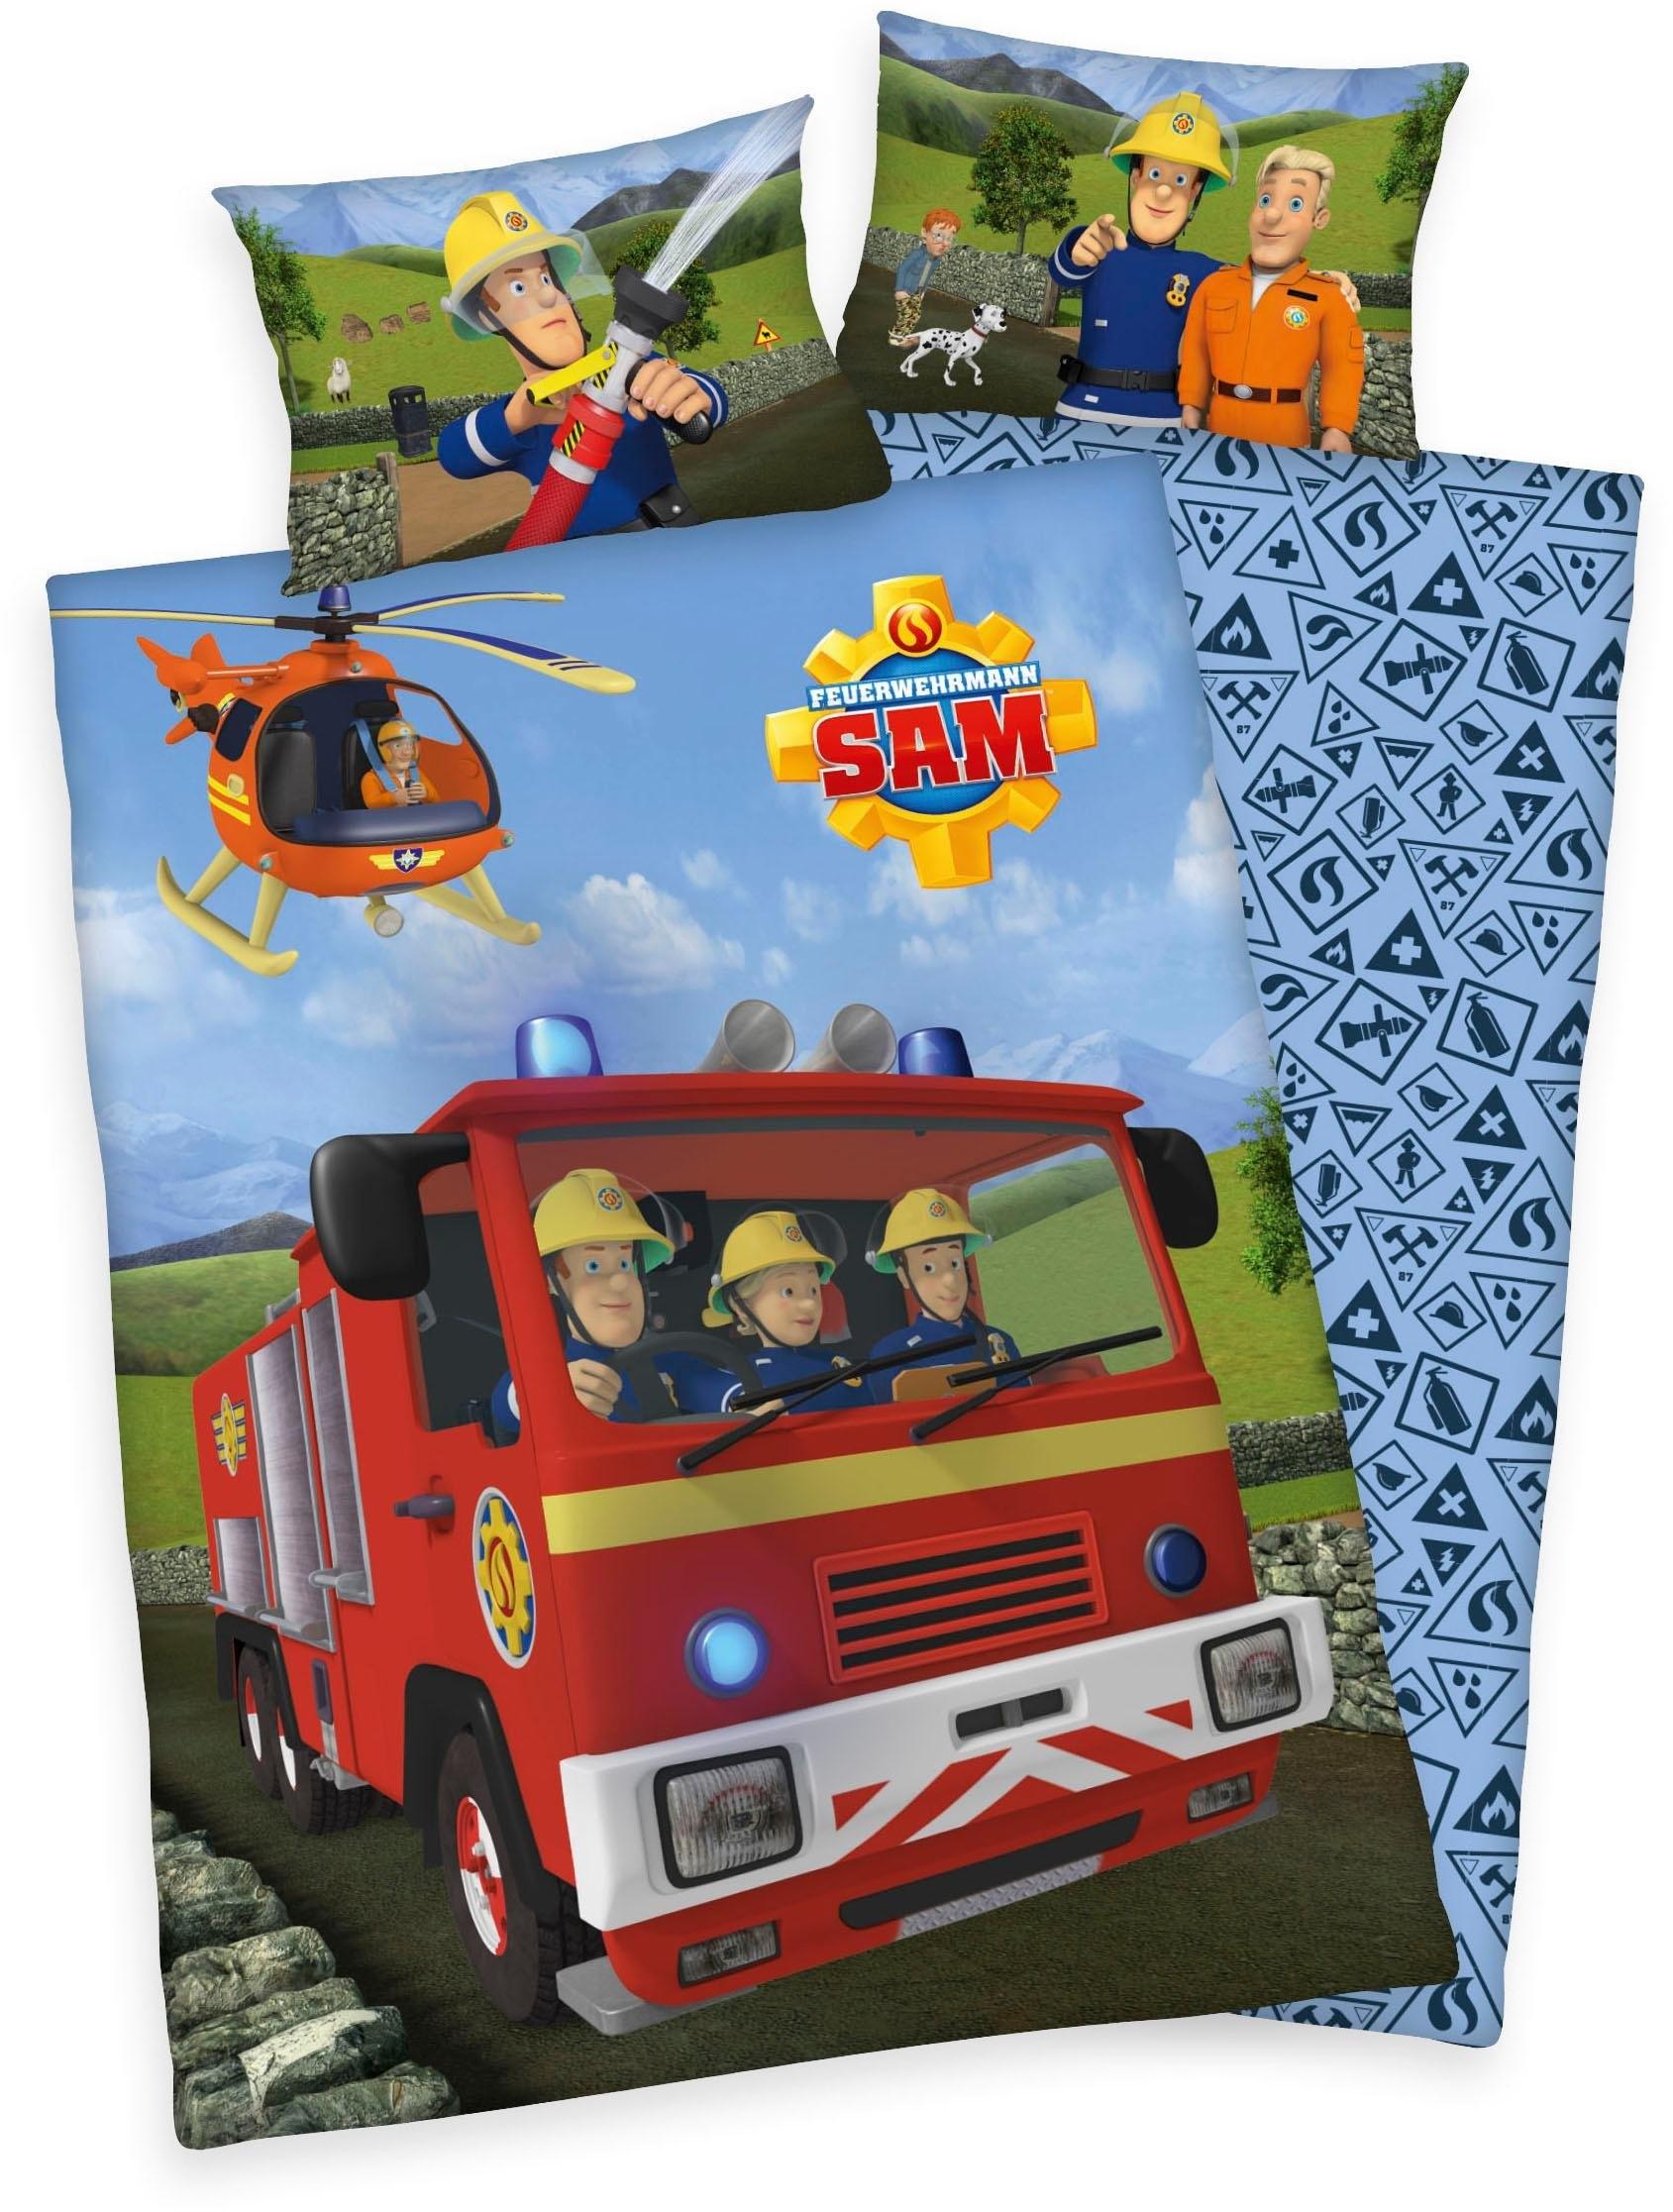 Feuerwehrmann Sam baby-overtrekset »Feuerwehrmann Sam« bestellen: 30 dagen bedenktijd